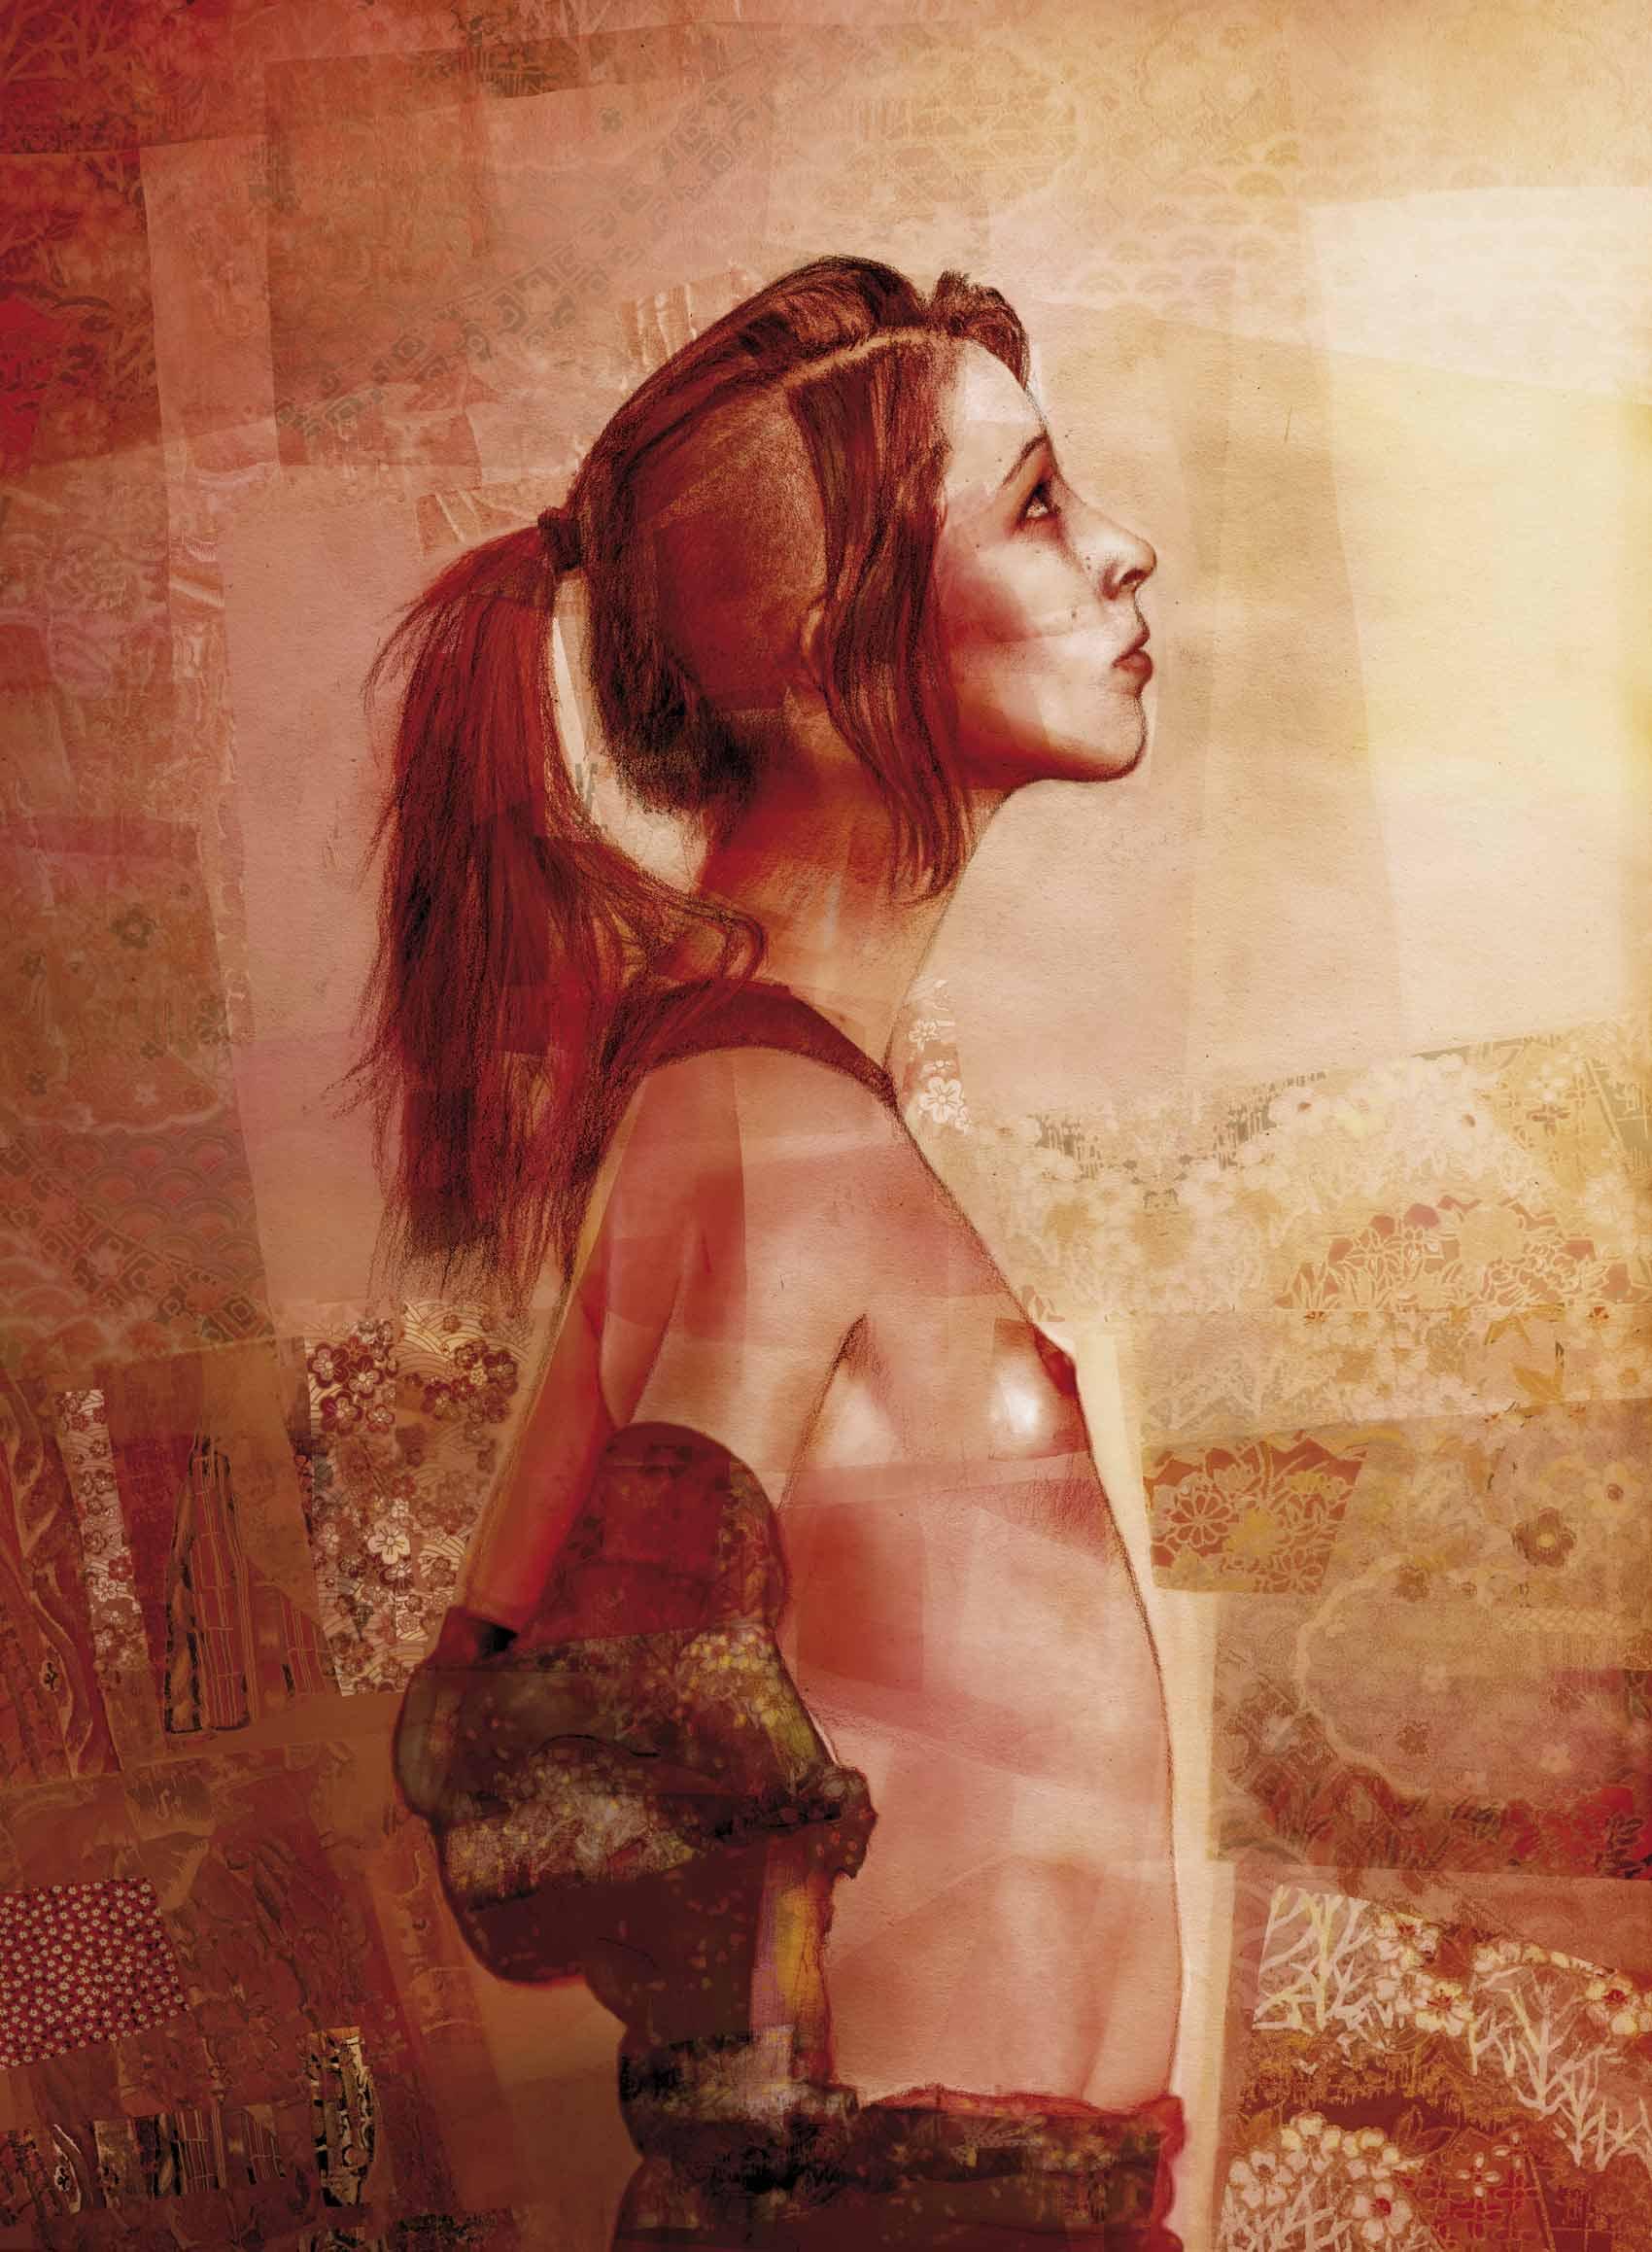 Mario Jodra illustration - El Deseo